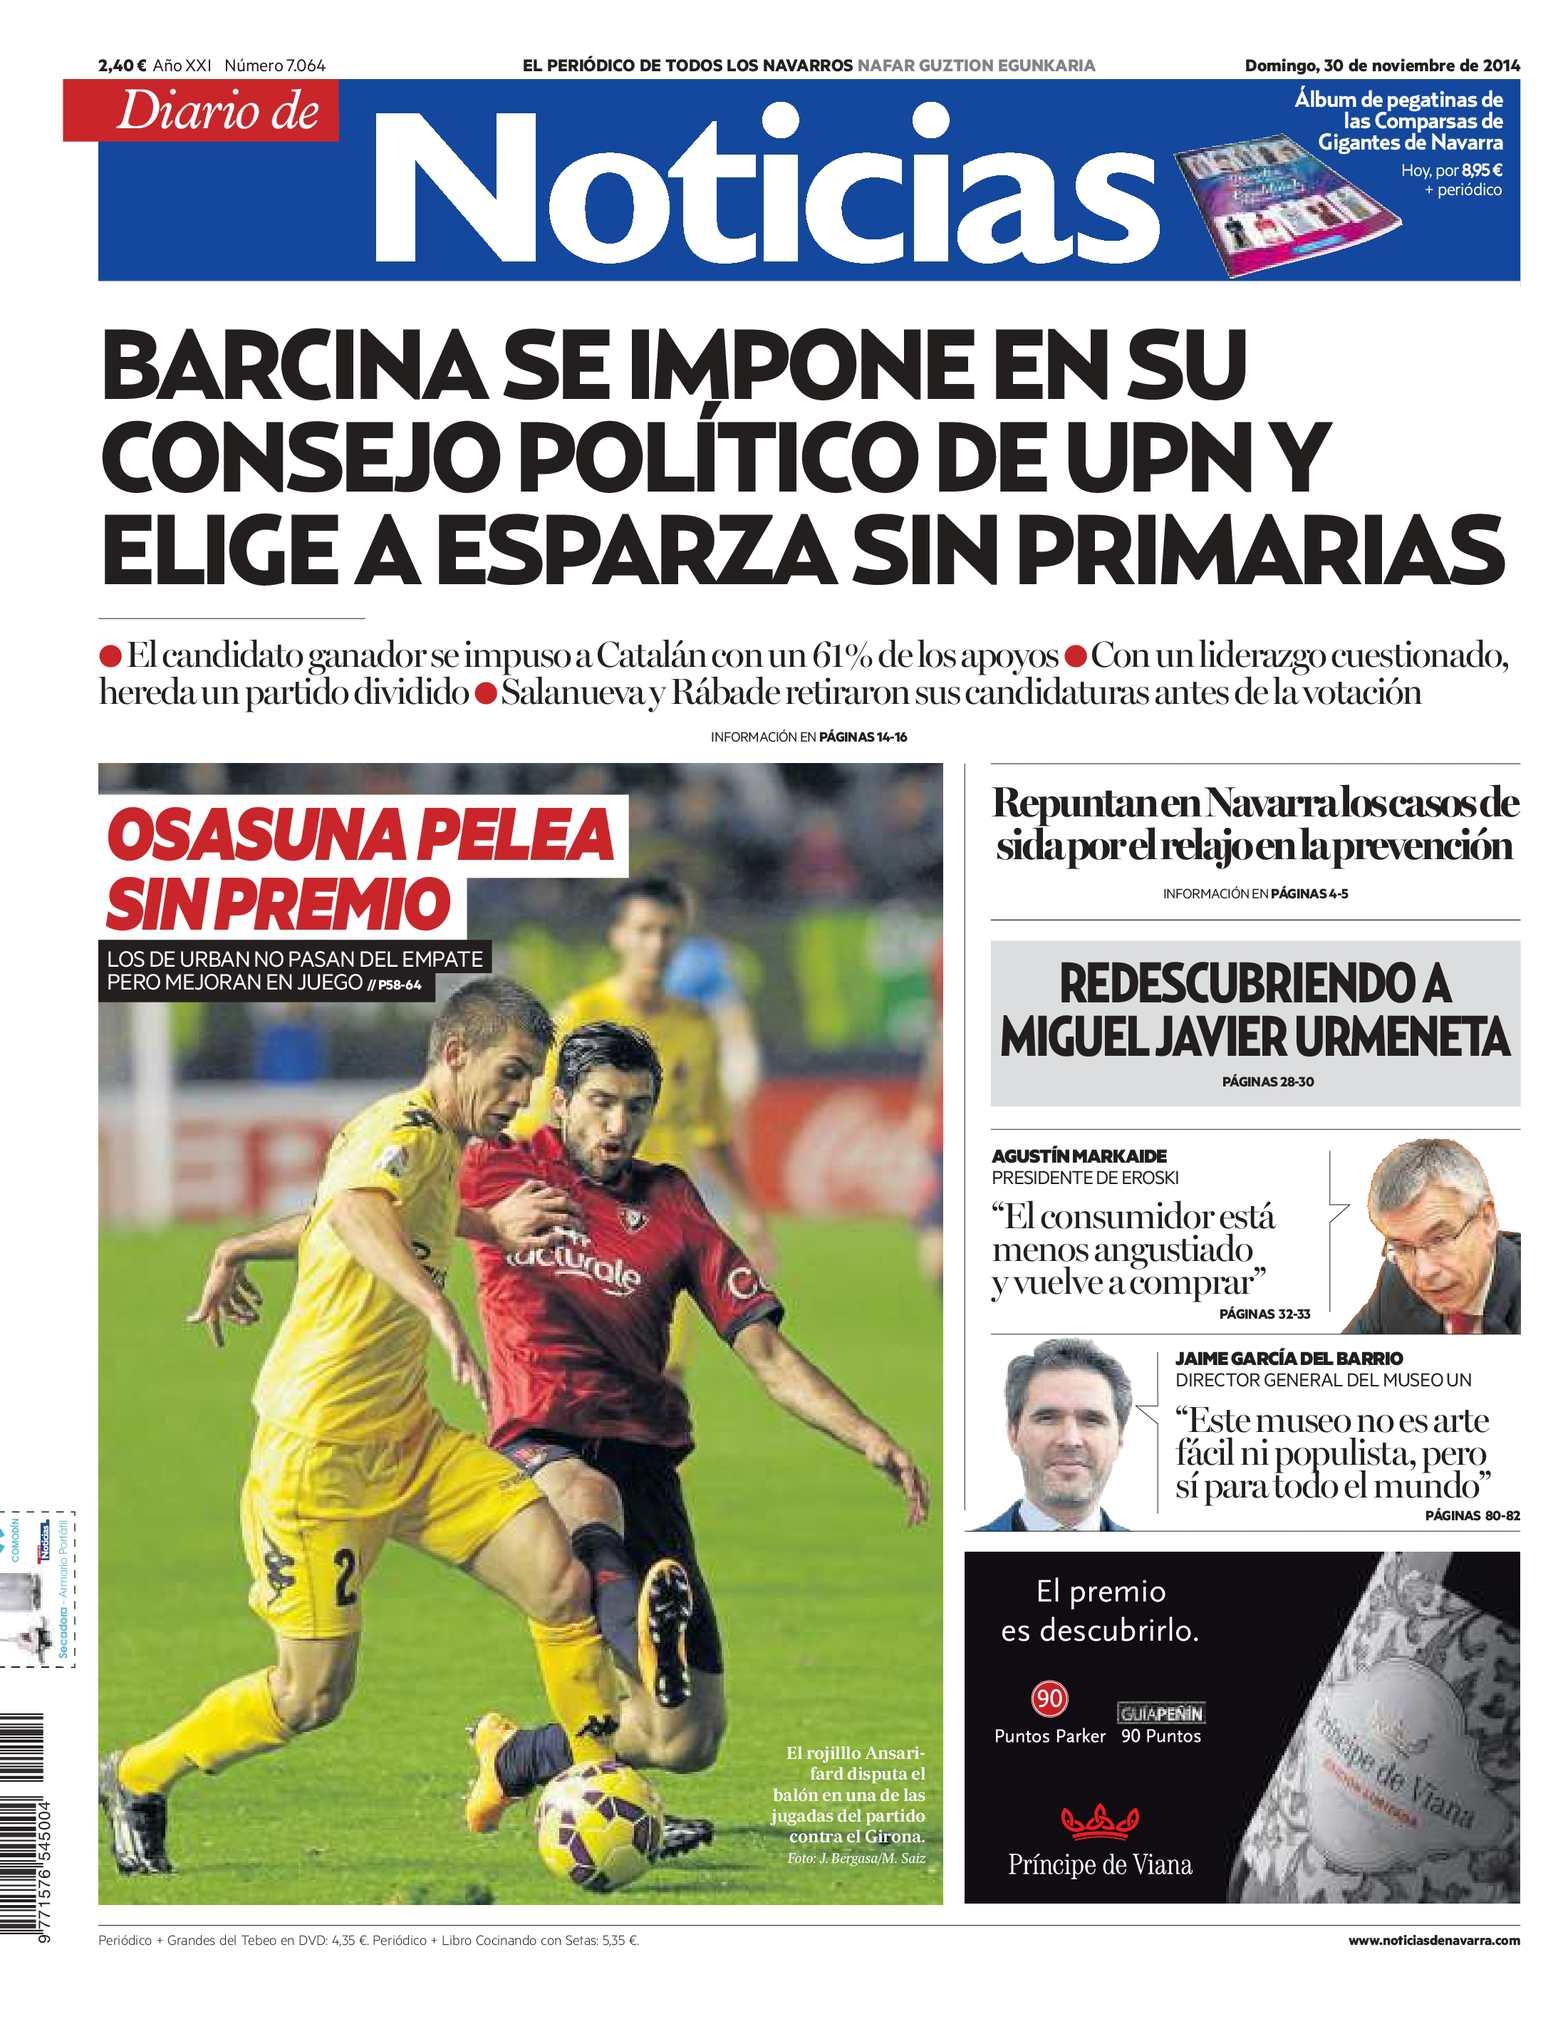 Calaméo - Diario de Noticias 20141130 33a05d1c0afba